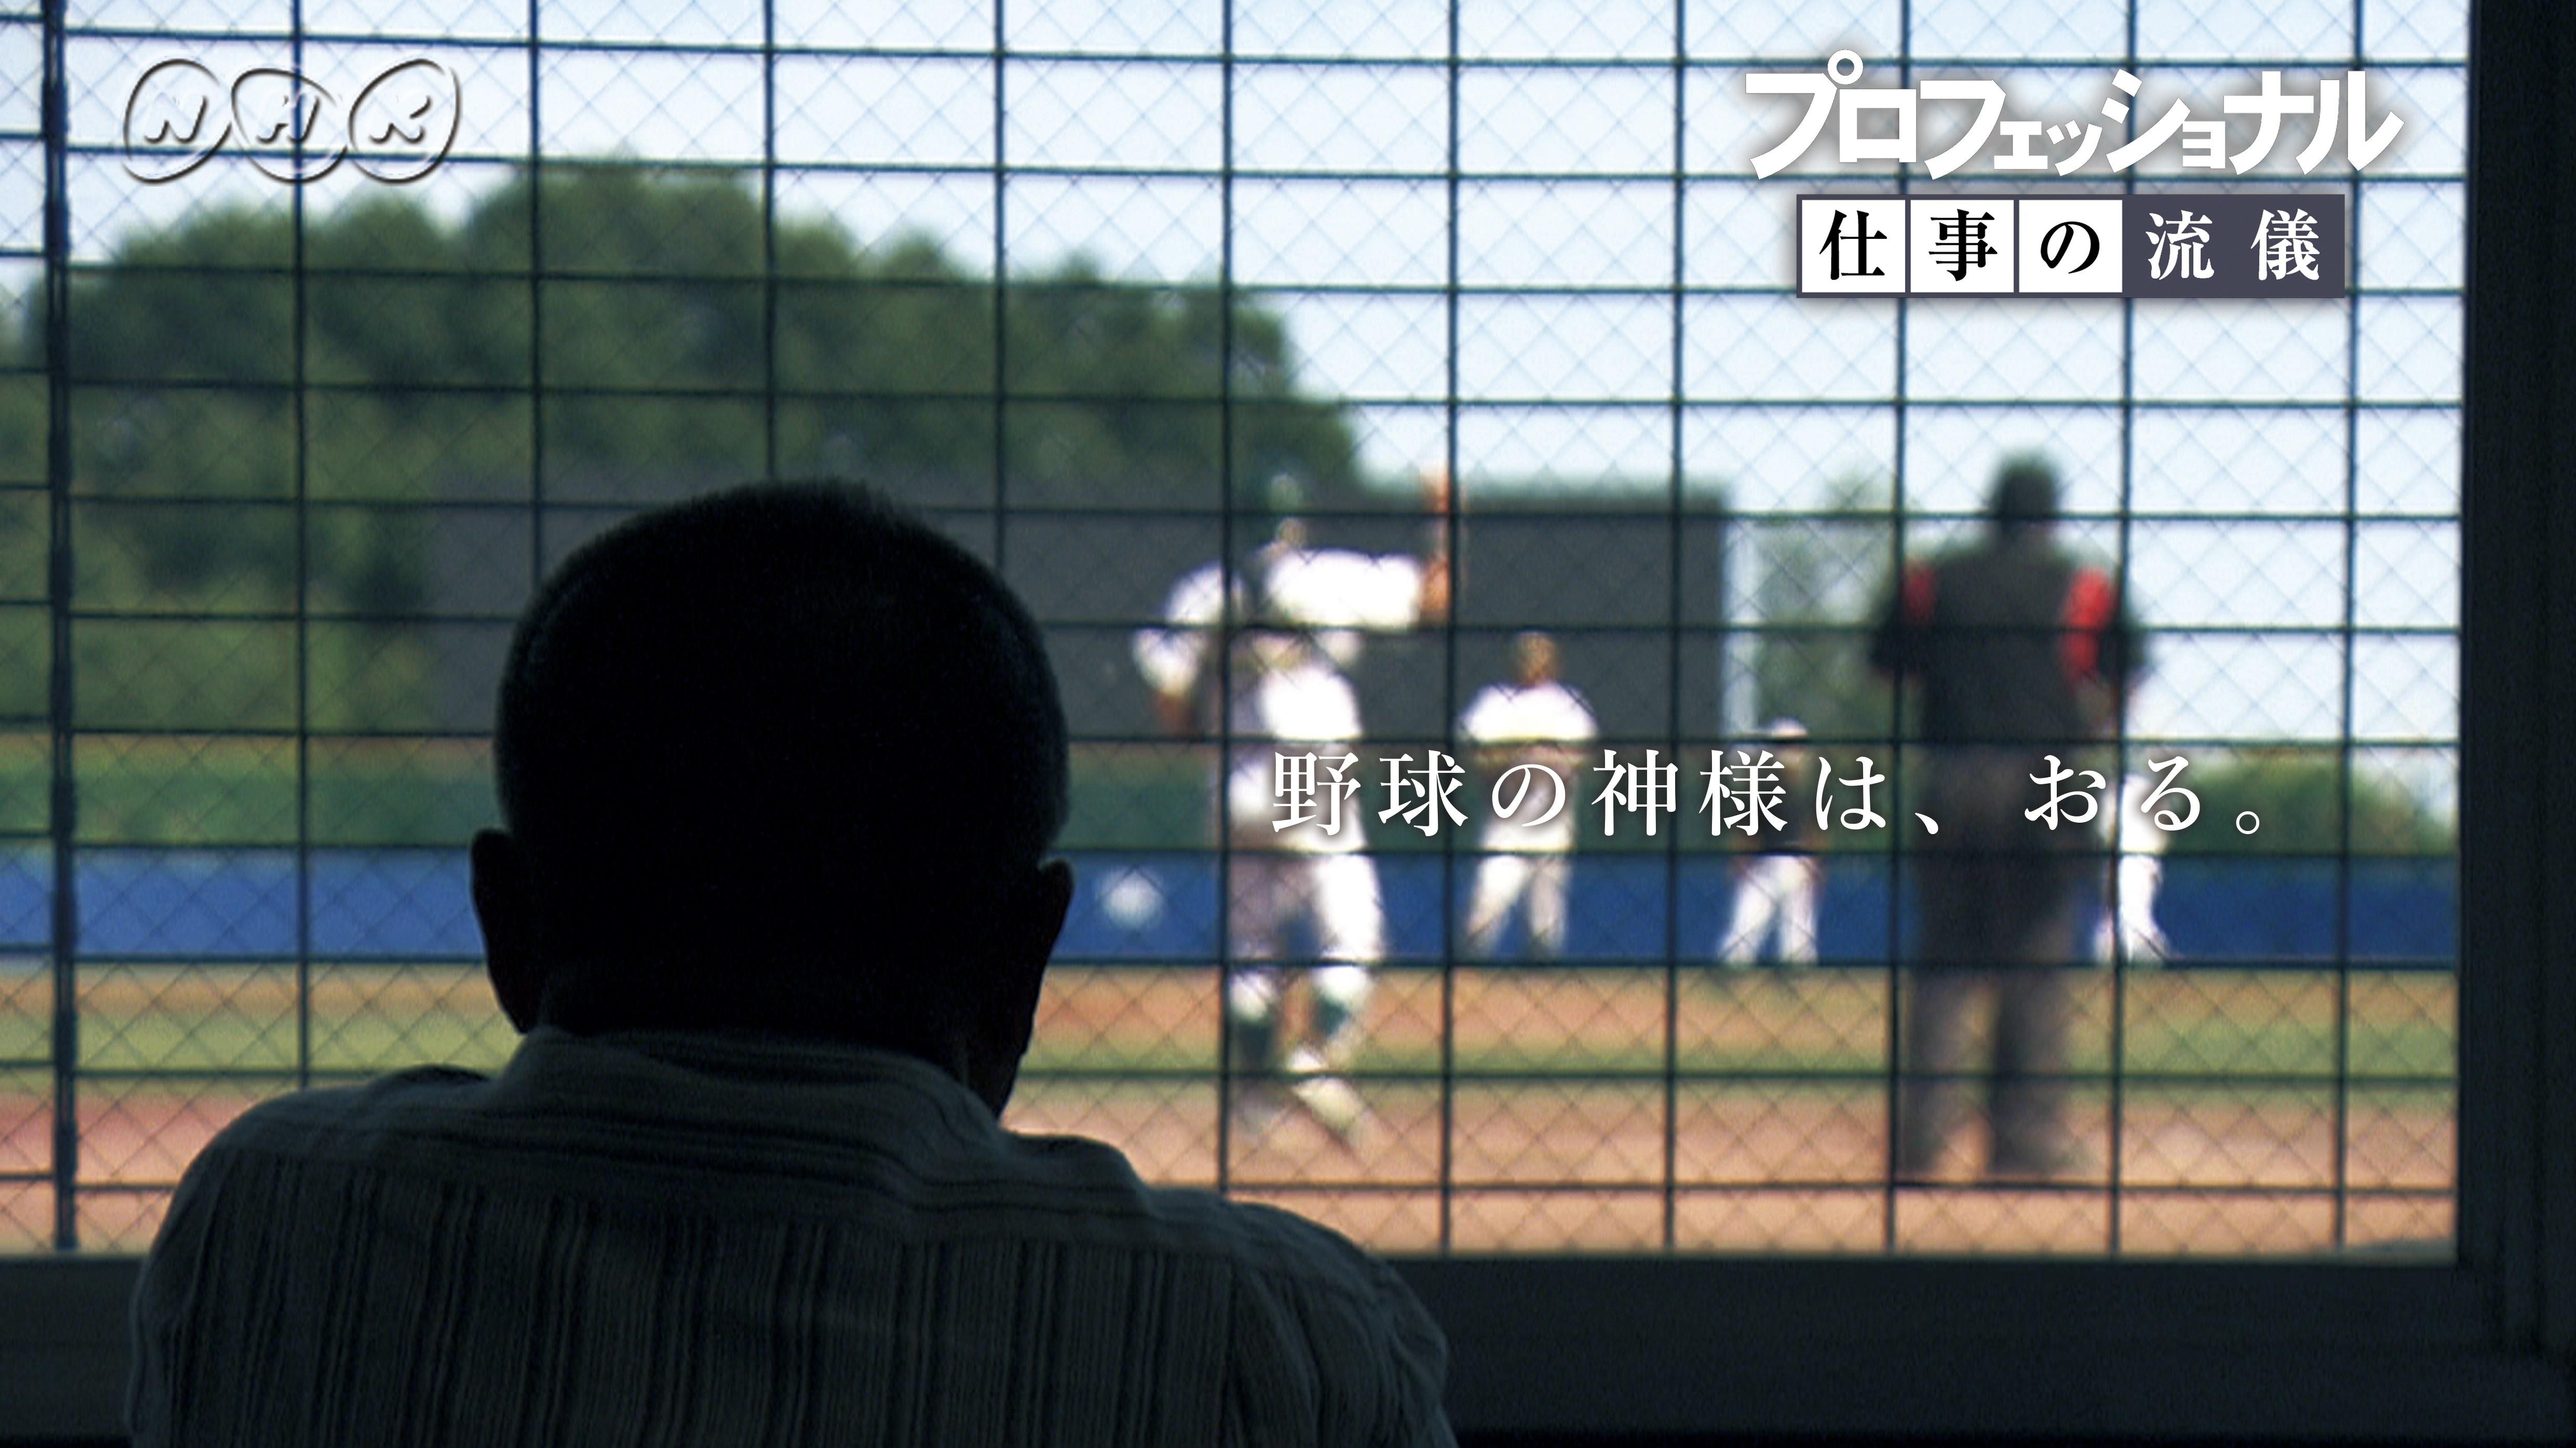 野球の神様に、愛されるほどに 〜プロ野球スカウト 苑田聡彦〜